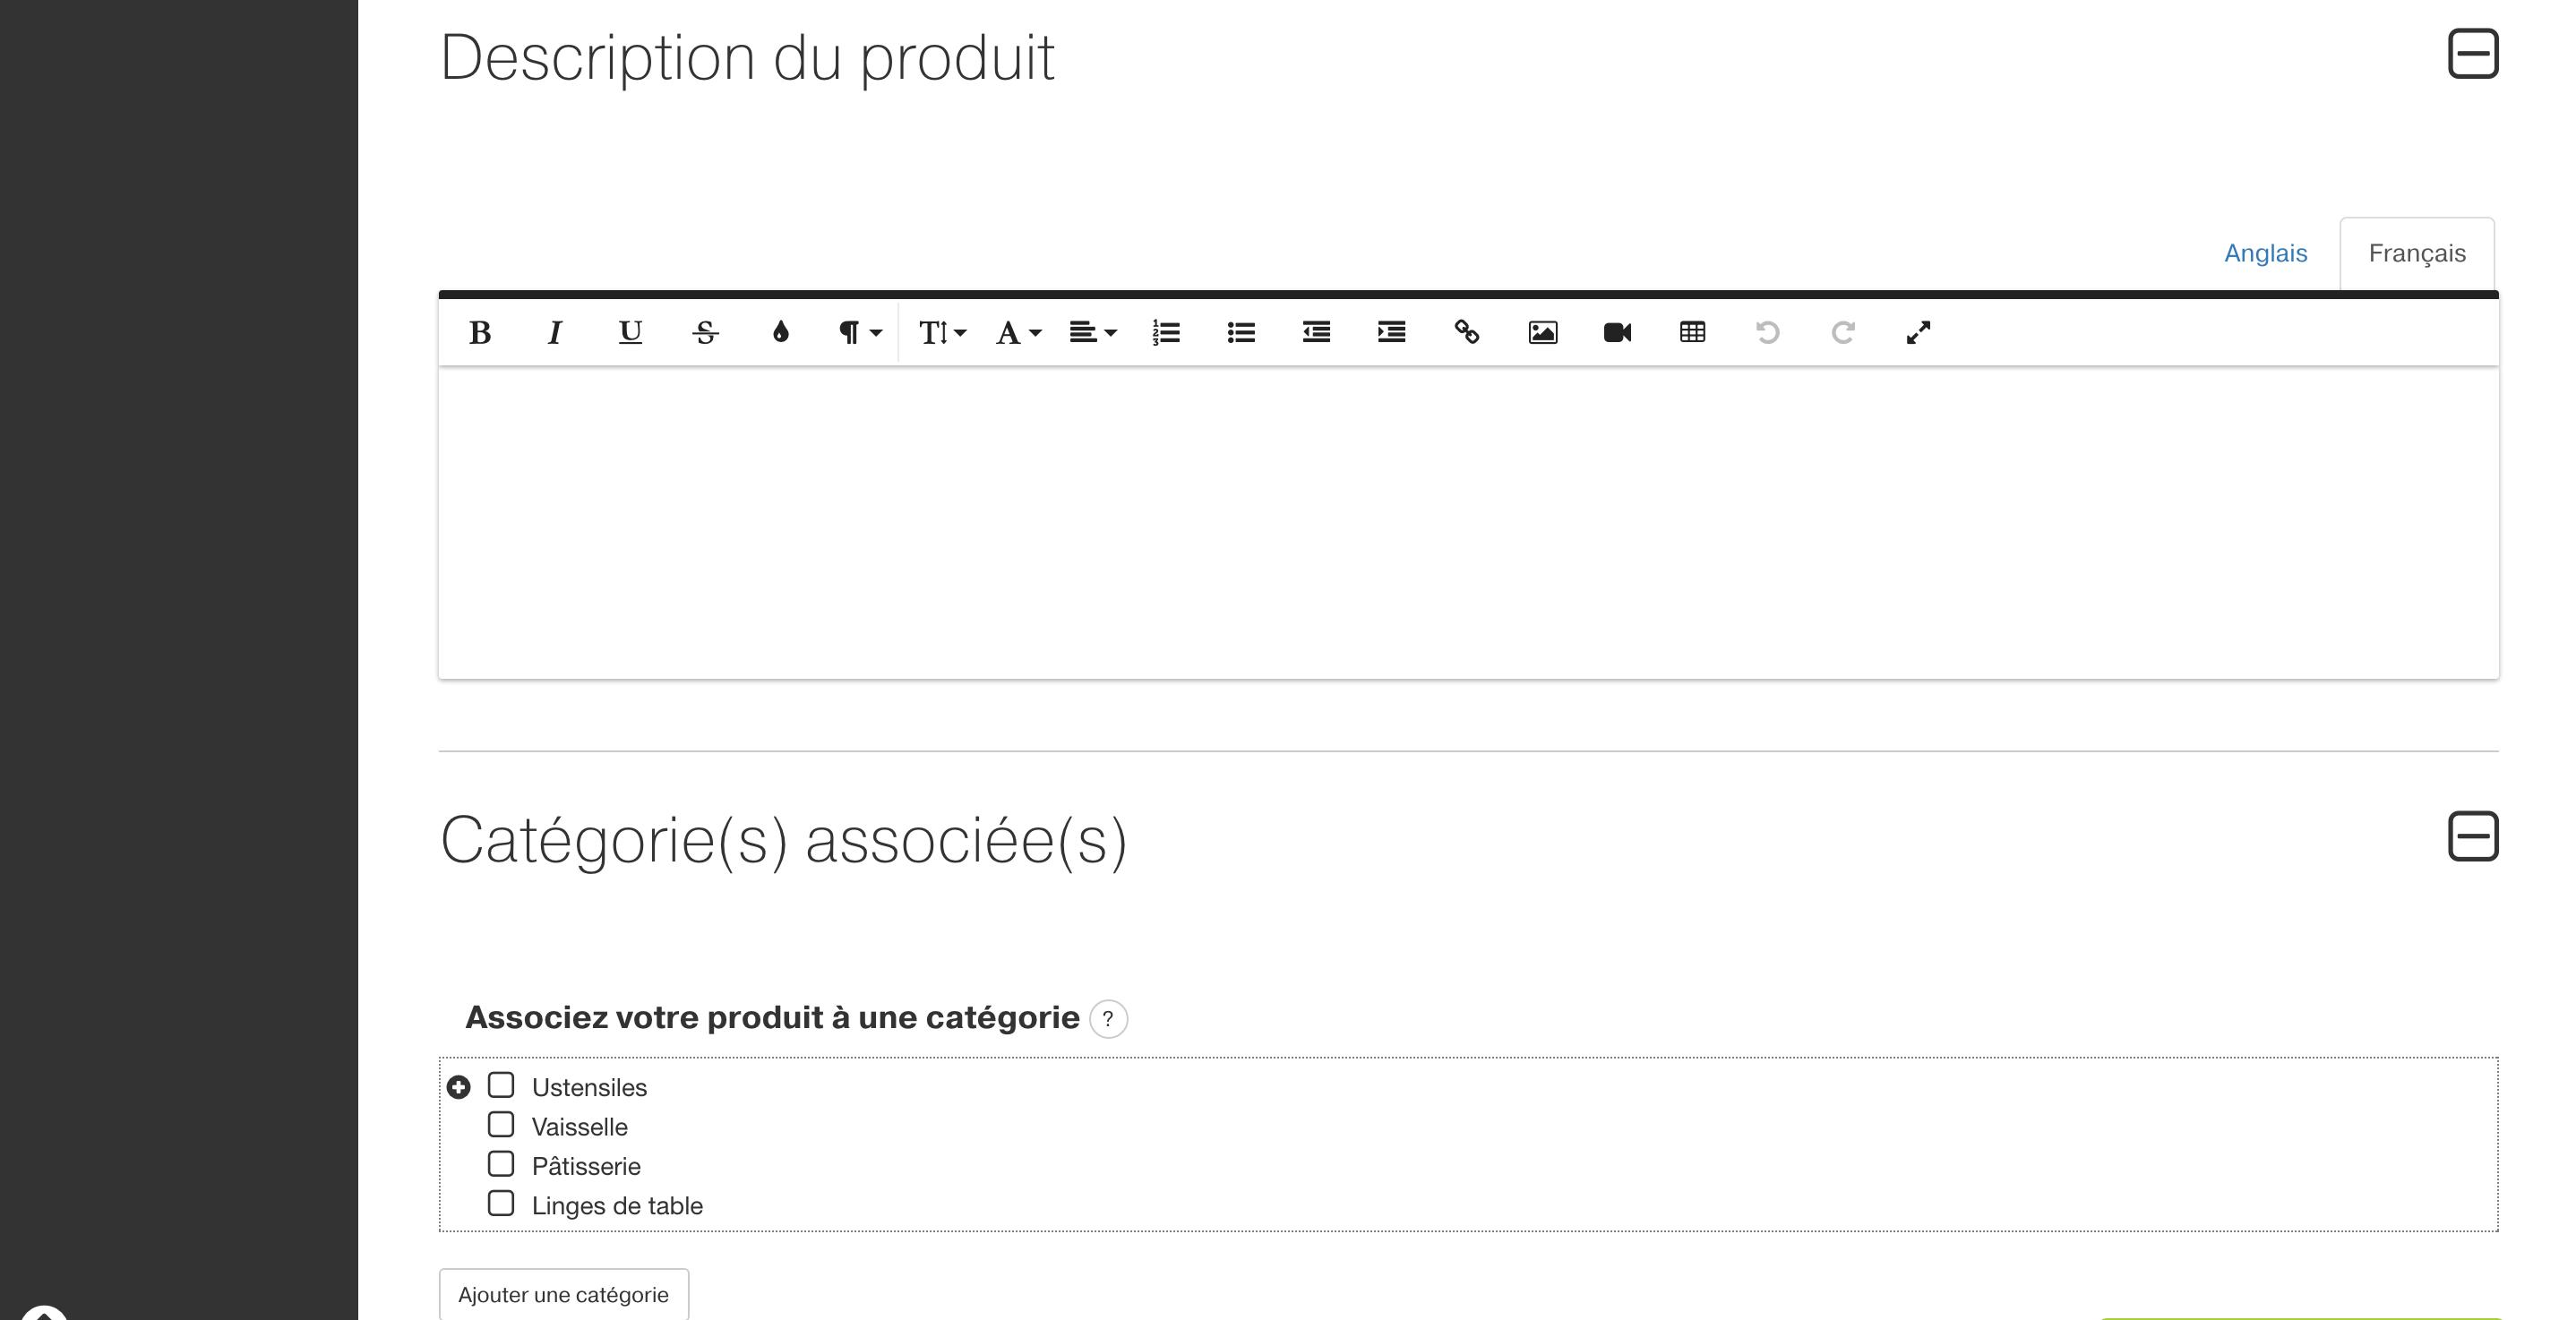 ajouter-produit-description-panier-dachat